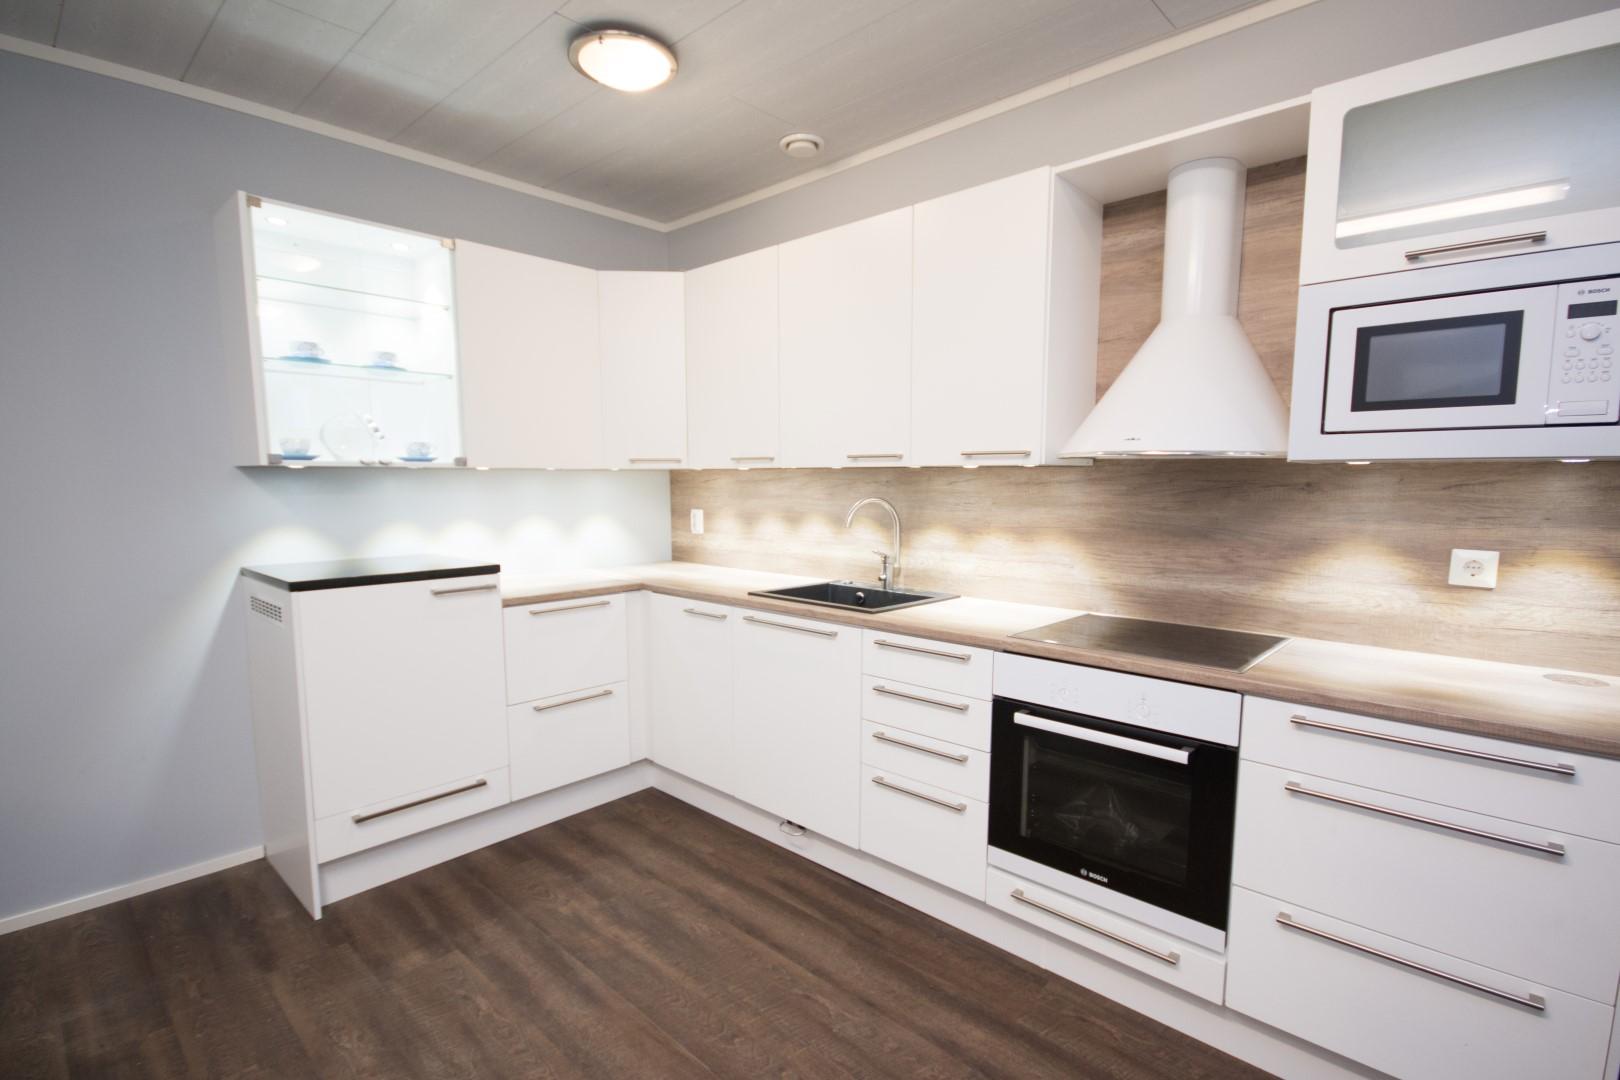 Keittiöremontti rovaniemi – Hiljainen pyykinpesukone